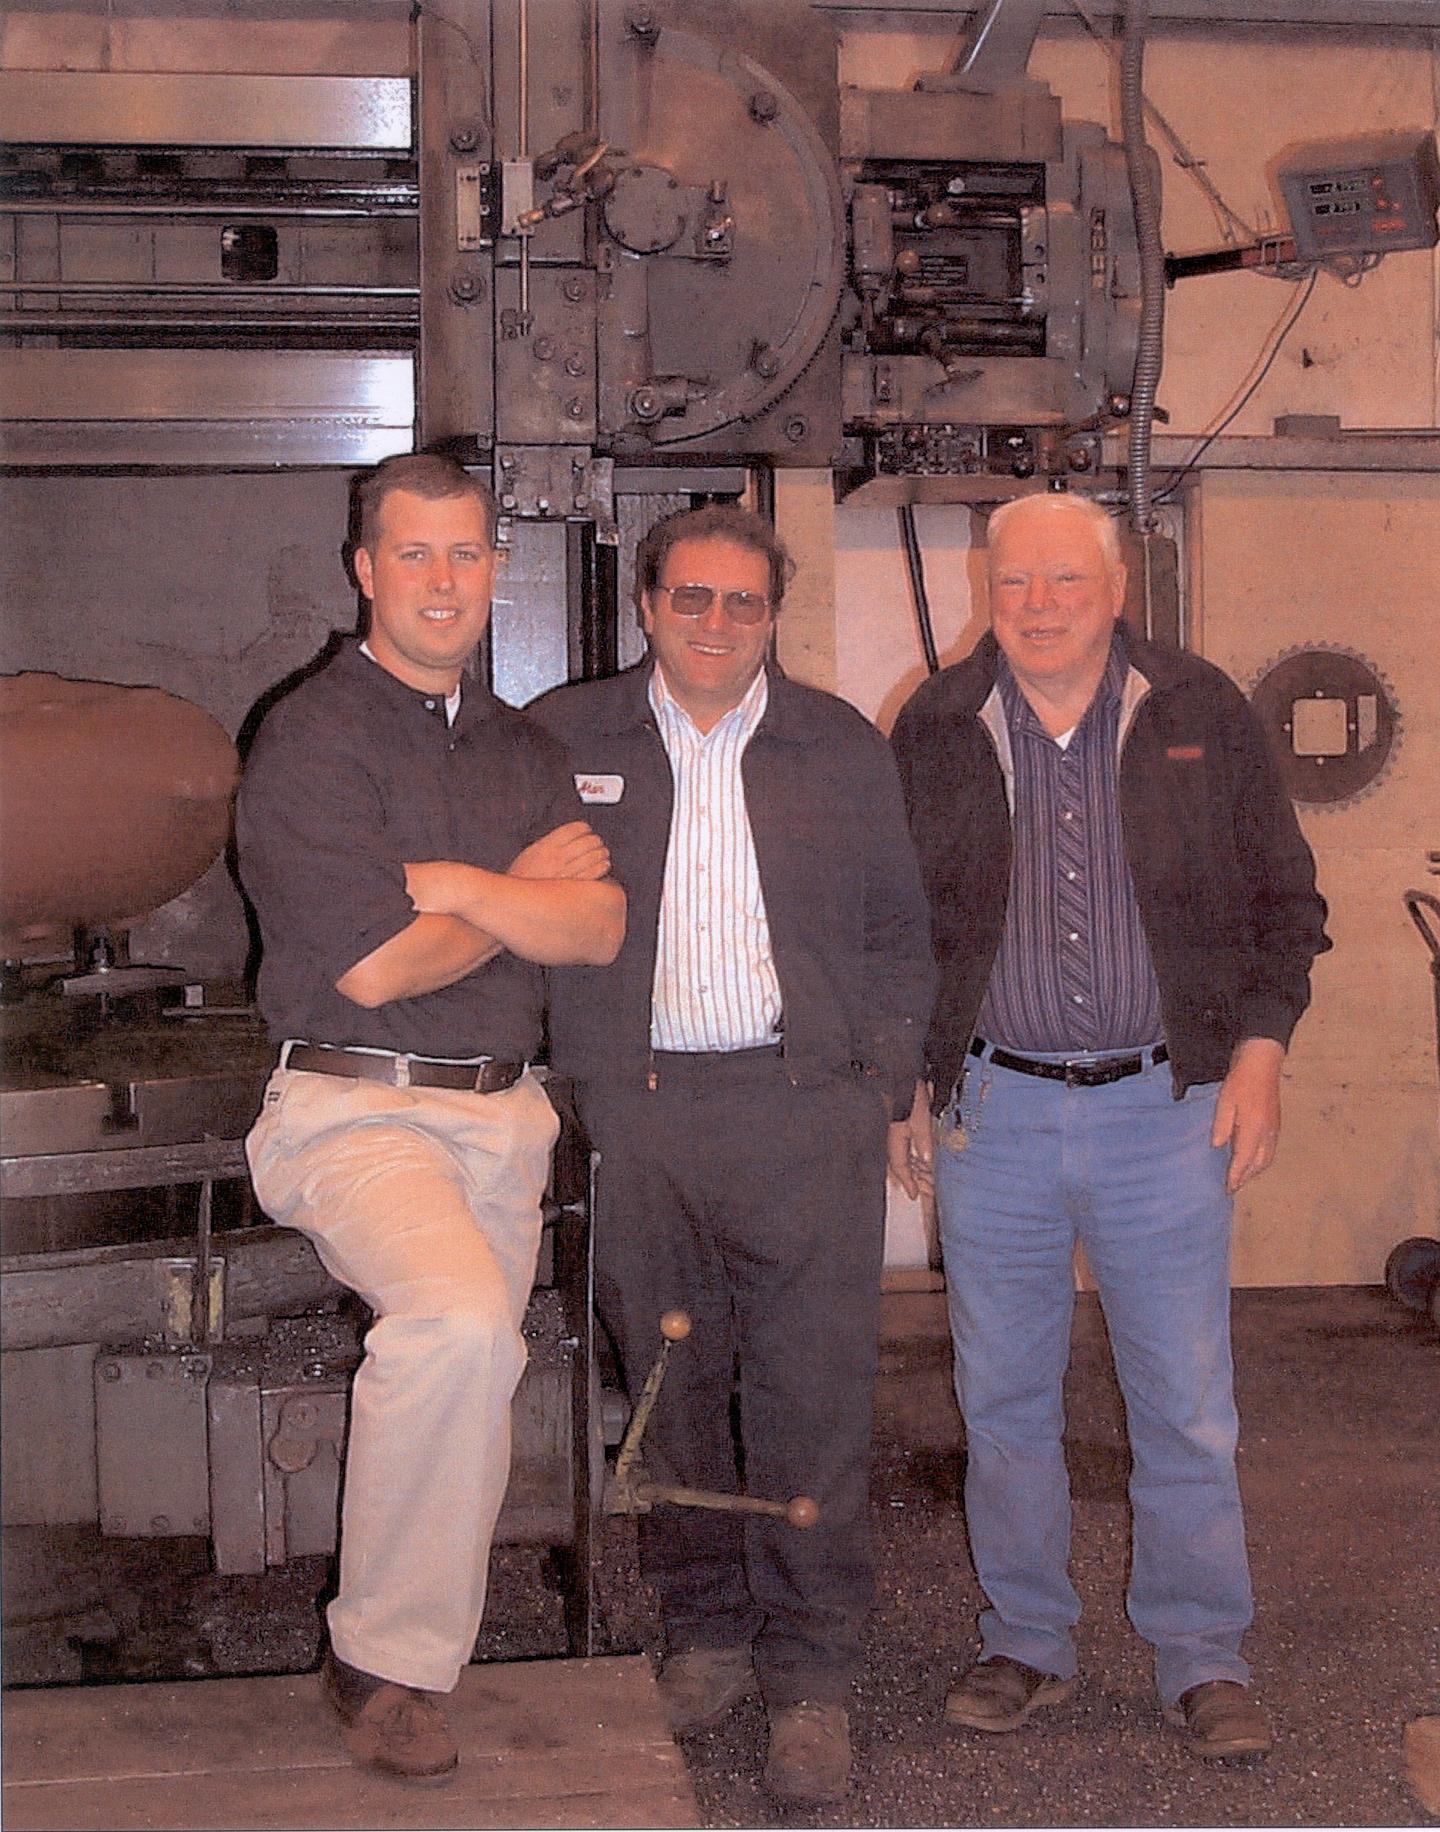 Matt Houghton, Alan Schurman, Paul Schurman